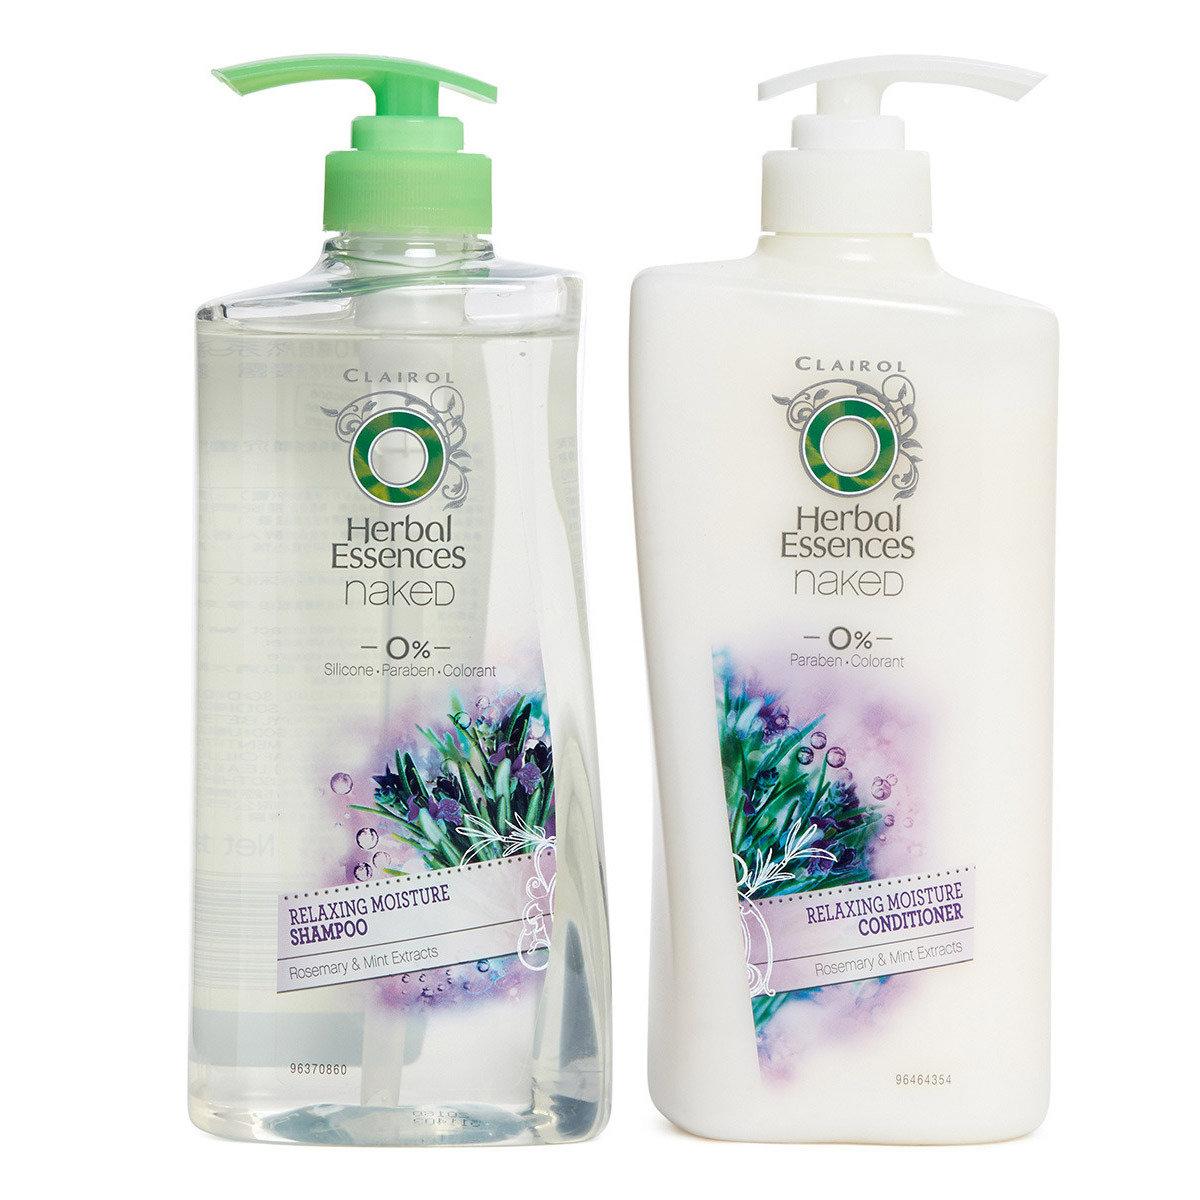 [優惠套裝] 草本精華0感自然系列迷迭香薄荷水潤舒然洗髮護髮套裝